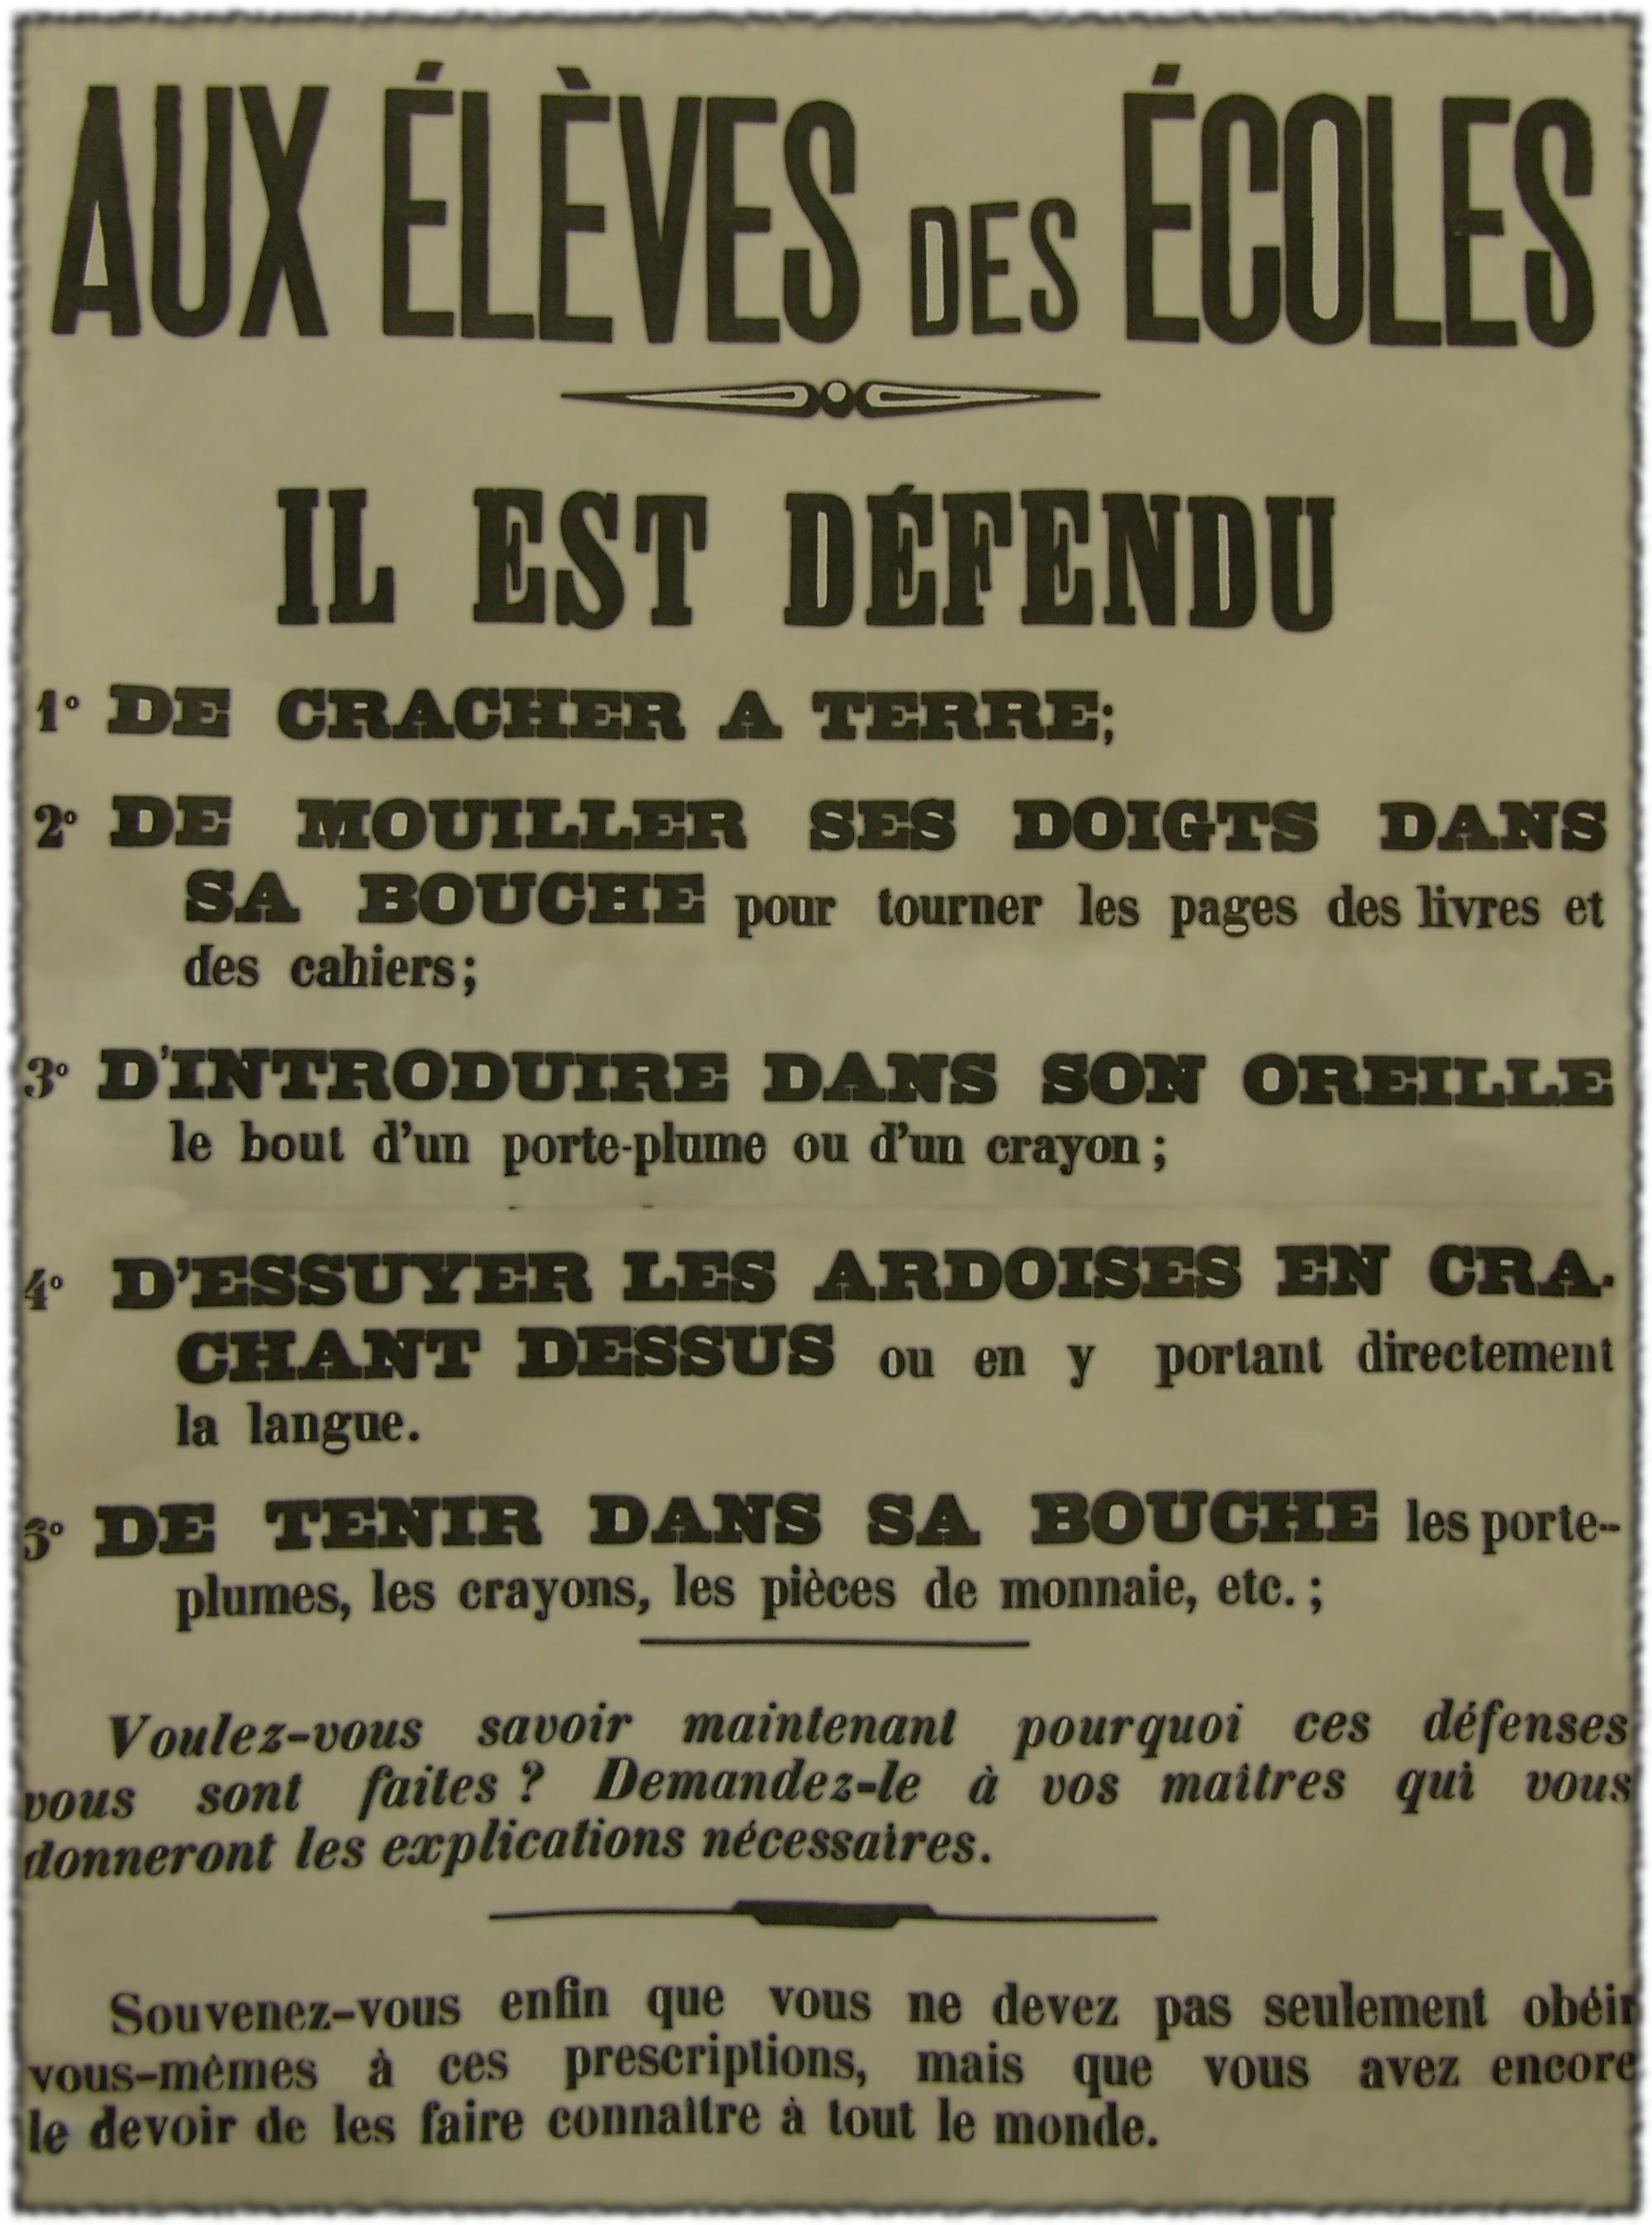 L 39 ducation civique fabrique citoyens c 39 est trop lui for Affiche regle de la maison